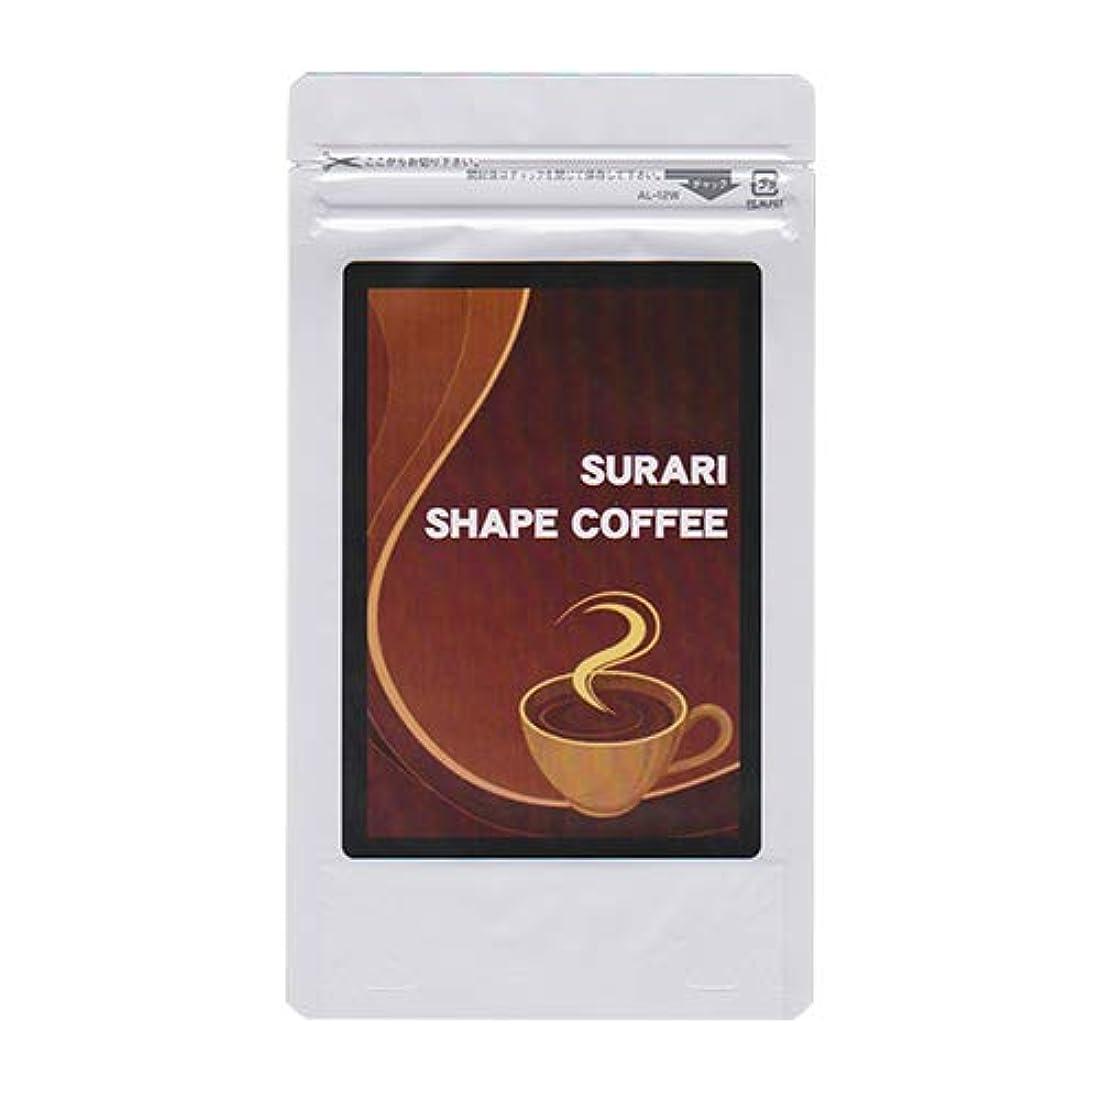 教えニックネーム定規SURARI SHAPE COFFEE スラリシェイプコーヒー ダイエットコーヒー